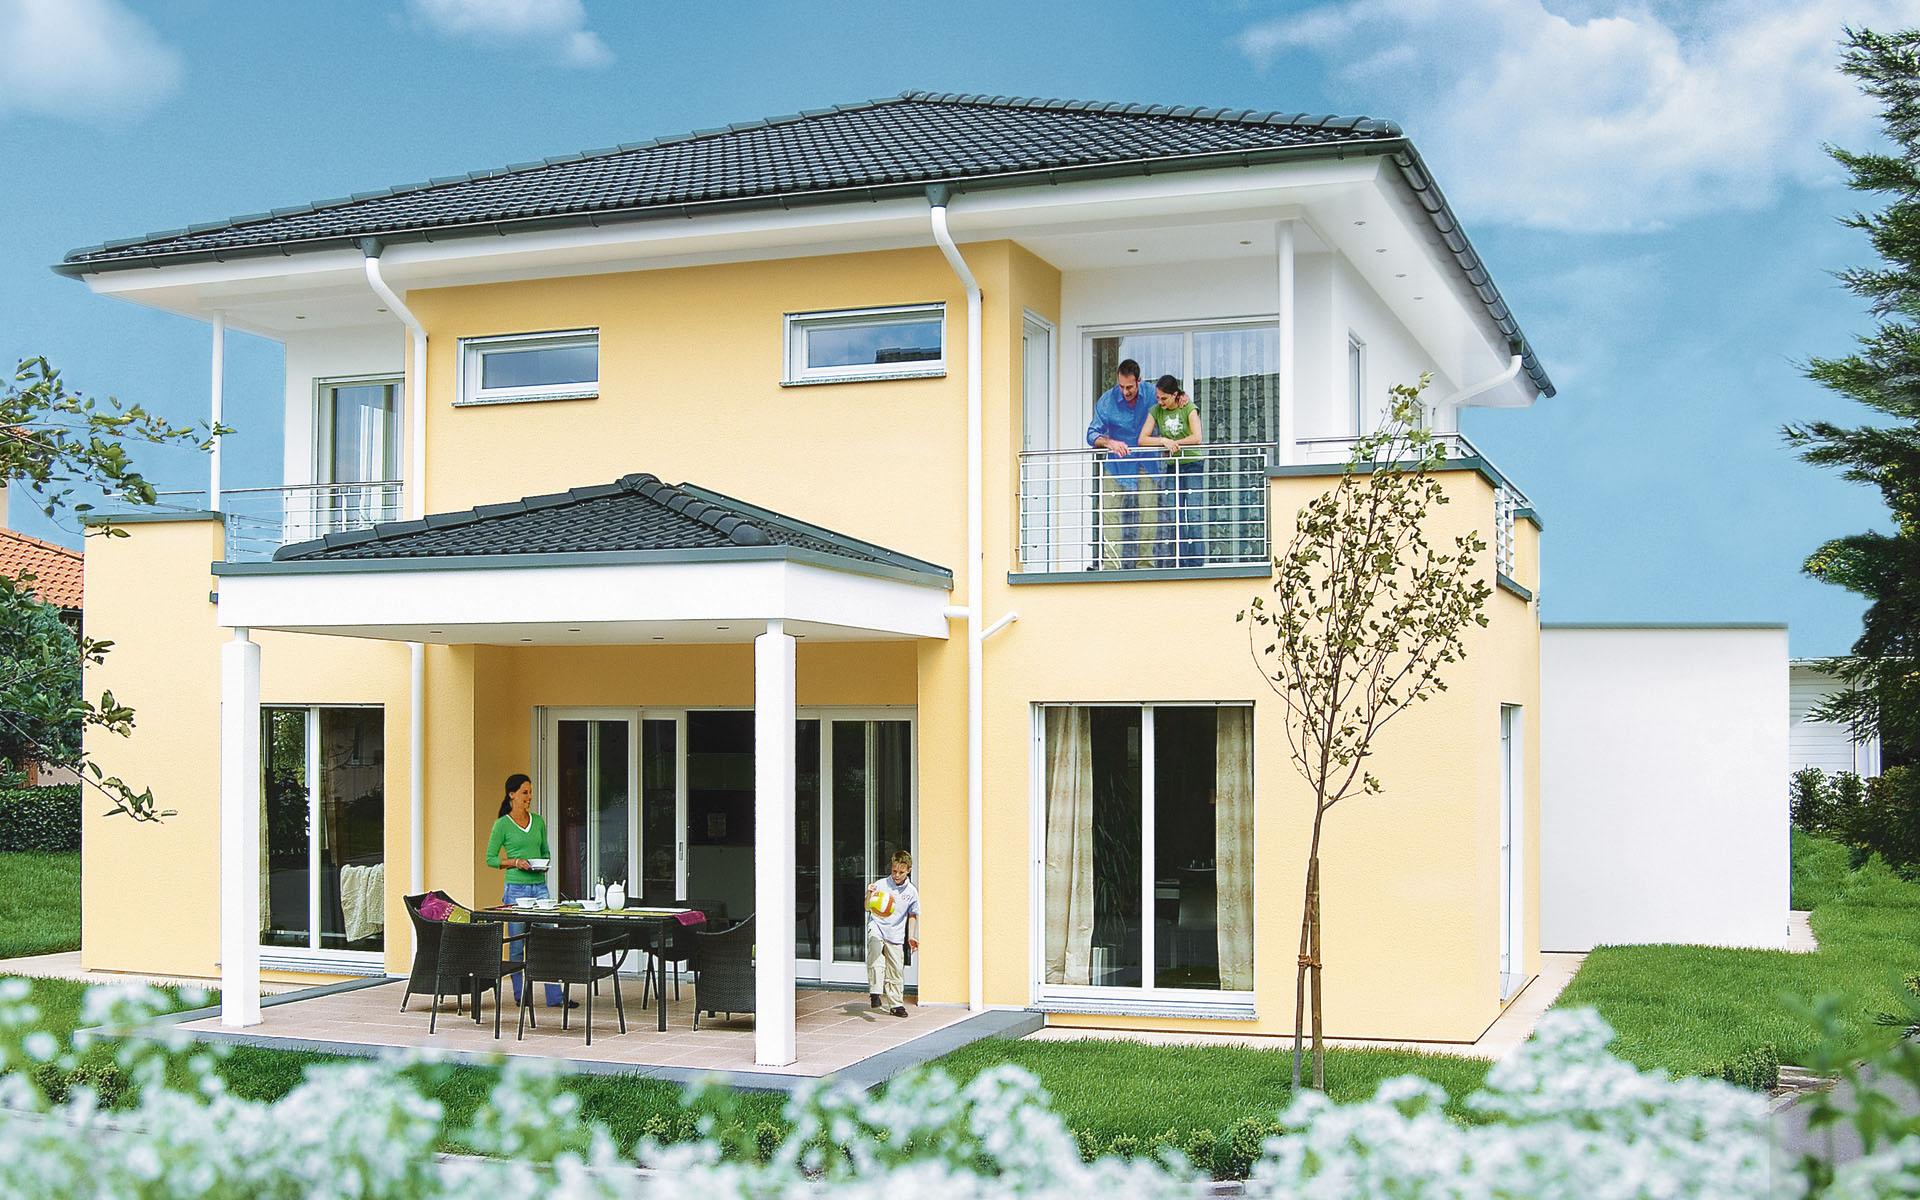 Stadtvilla (AH Mannheim) von WeberHaus GmbH & Co. KG